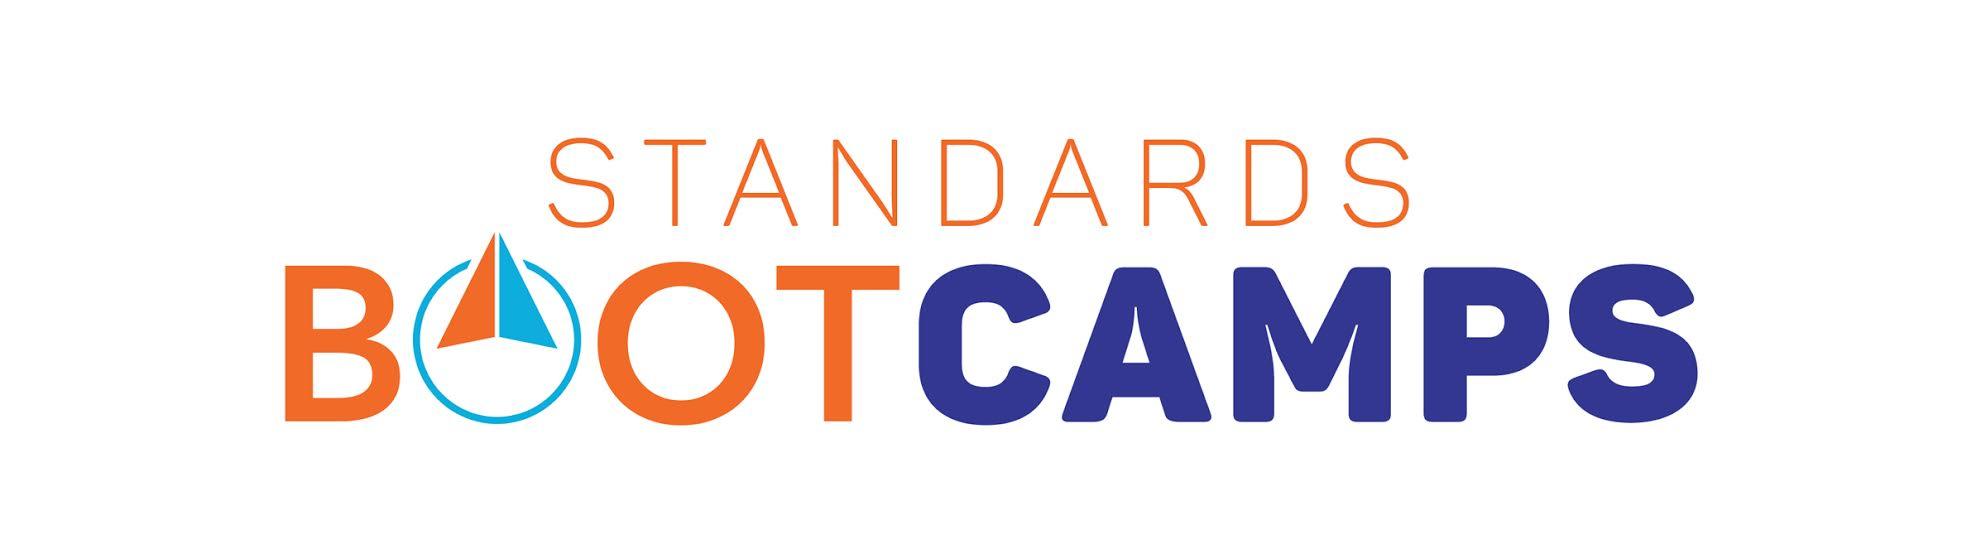 stnd_bootcamps_logo_main_v2.jpg